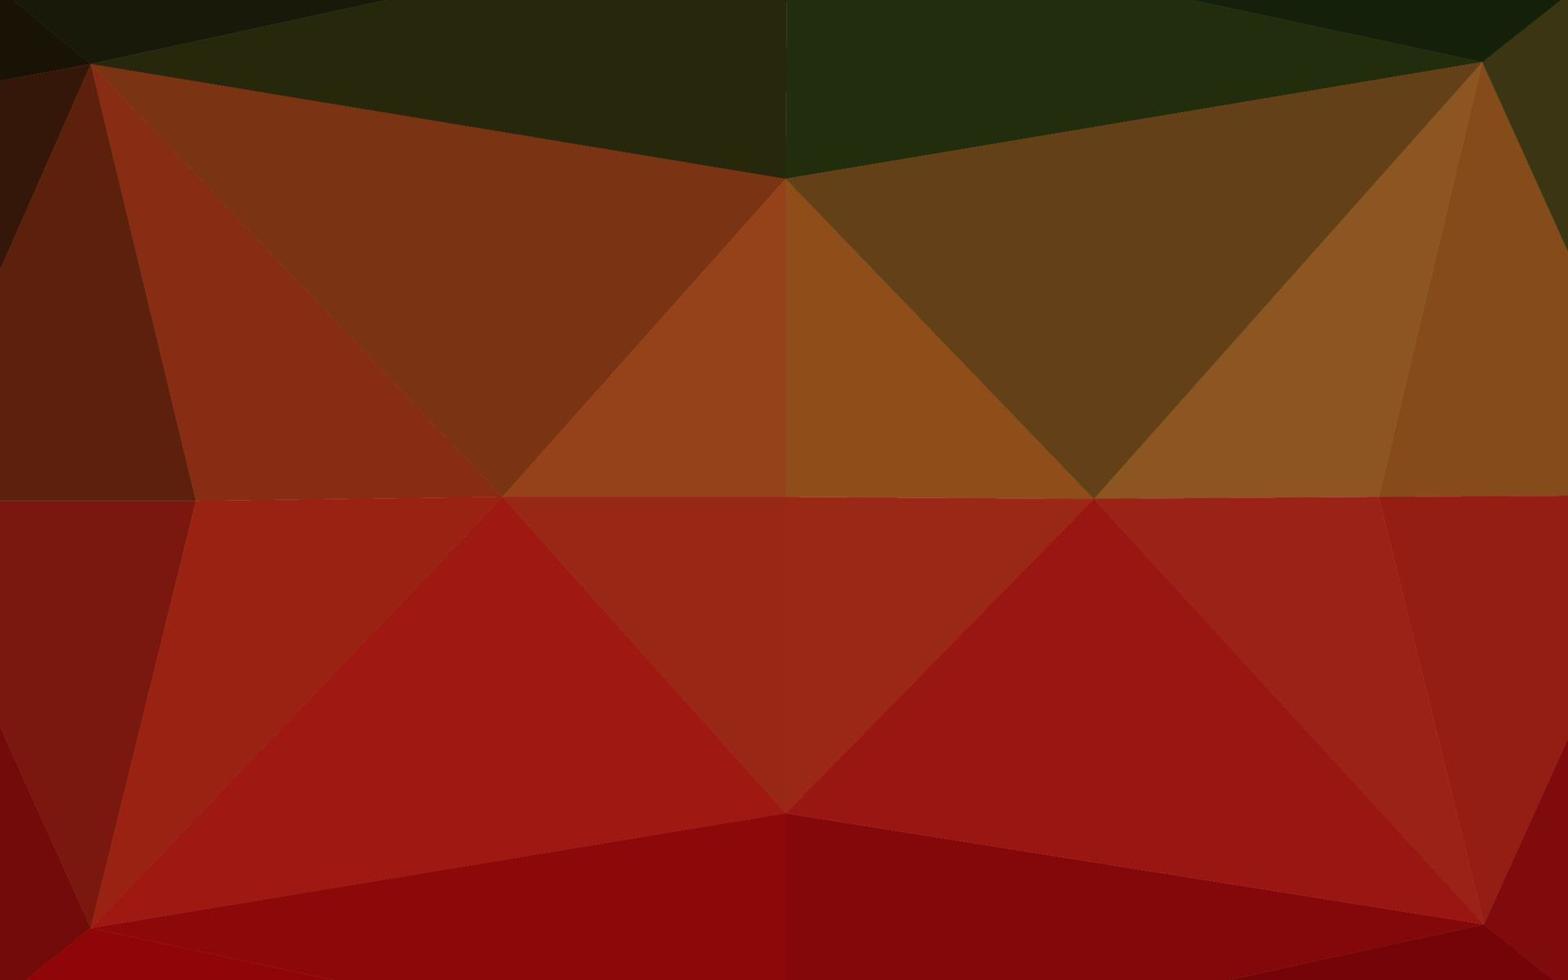 luz verde, vermelho vetor brilhante fundo hexagonal.